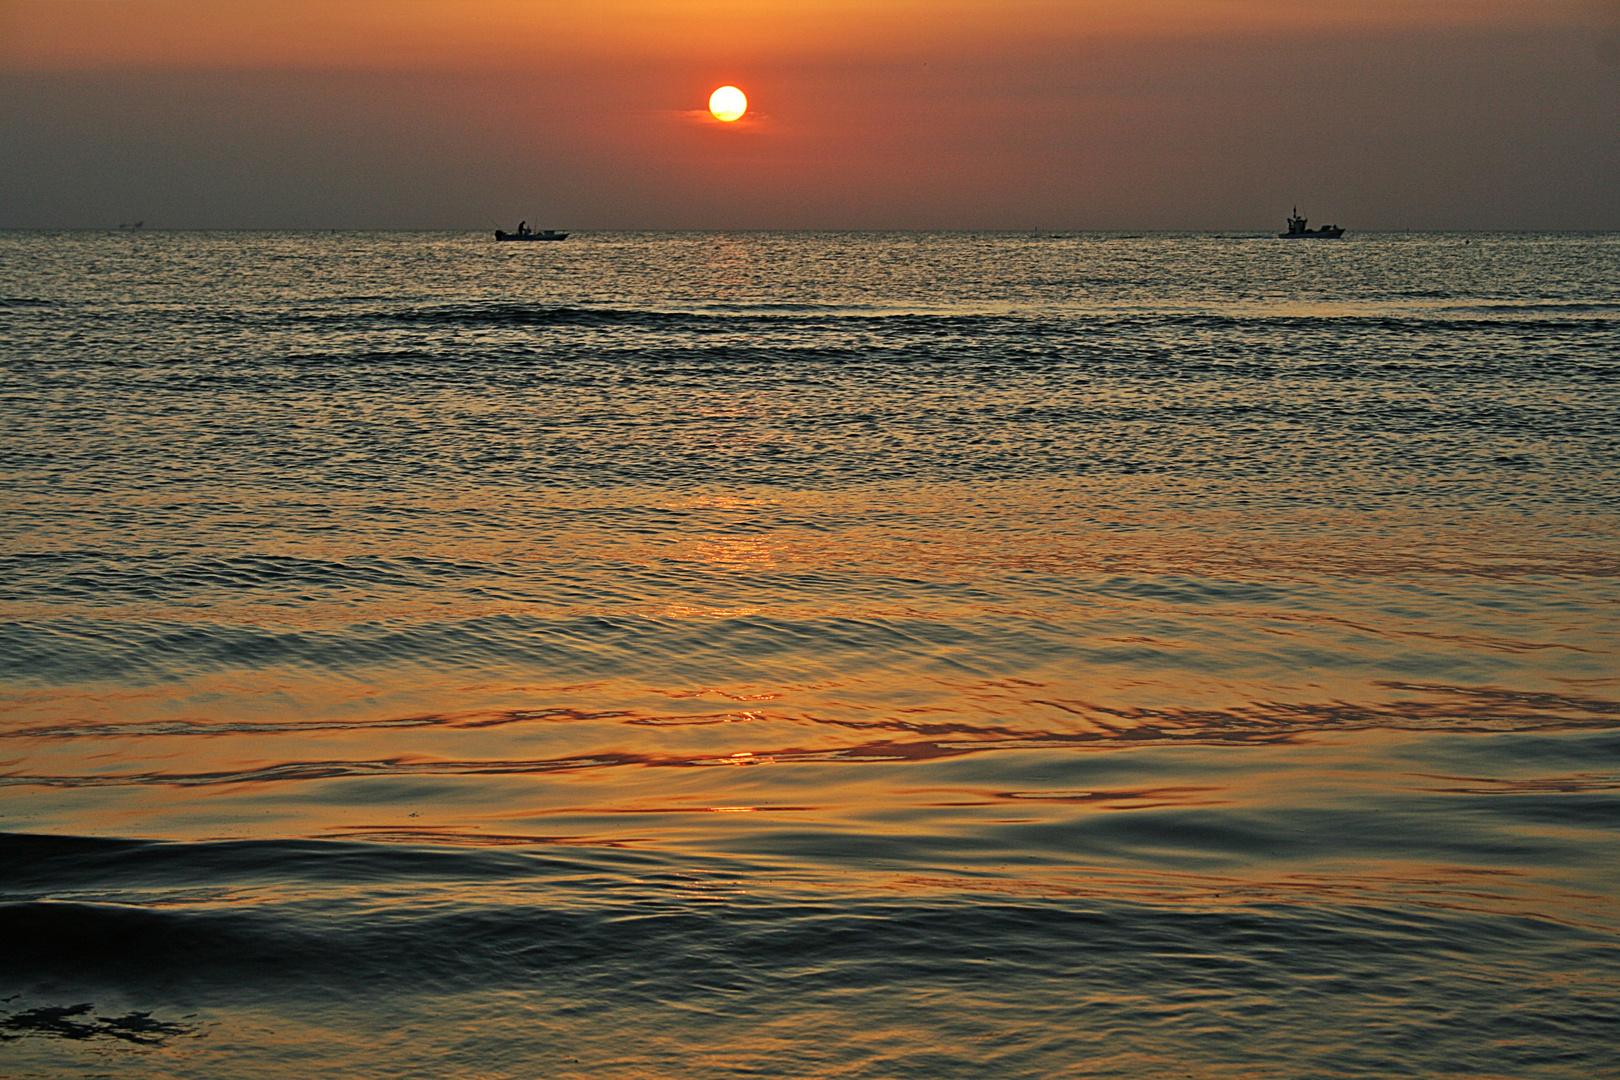 Matrimonio Sulla Spiaggia Emilia Romagna : Pescatori sulla spiaggia di rimini all alba foto